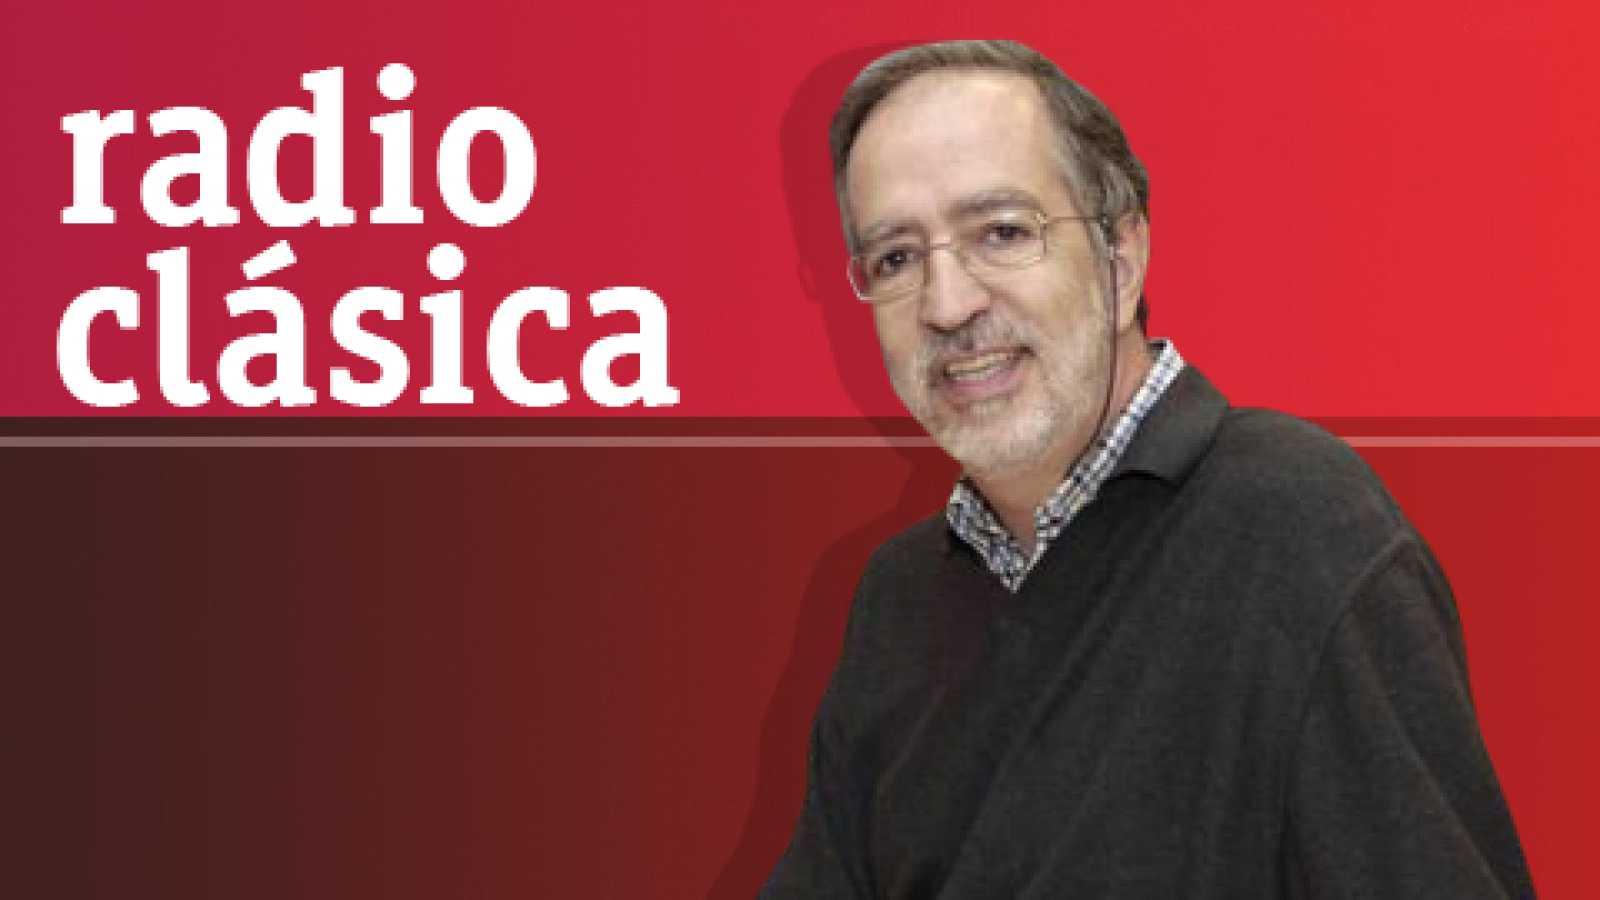 Las cosas de Palacios - Cuentos y música, un idilio permanente - 09/05/15 - escuchar ahora